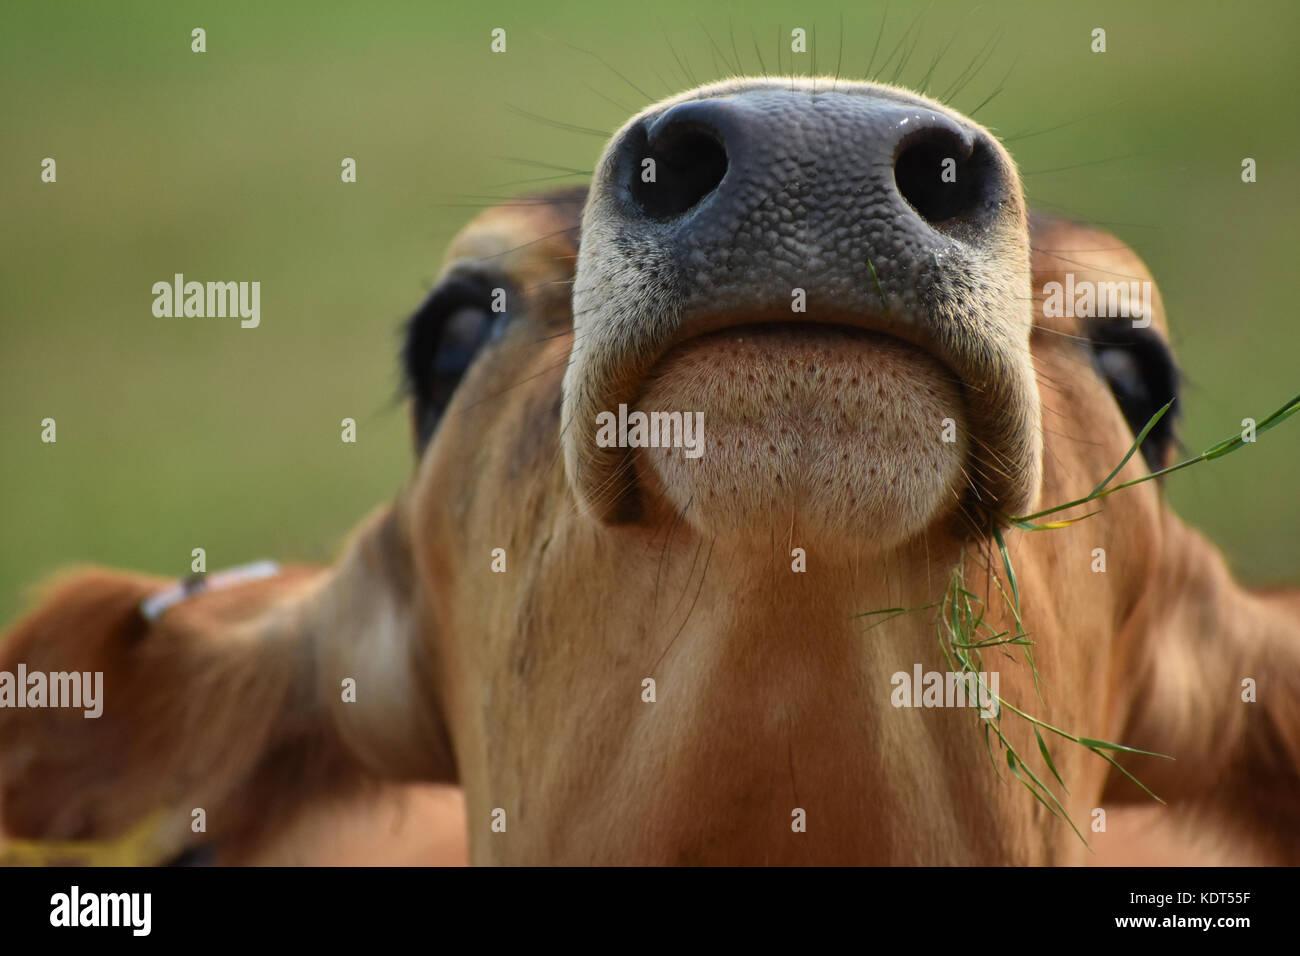 Vaca comiendo hierba con la cabeza en el aire mostrando sus fosas nasales y boca closeup. Las vacas se inclina la Imagen De Stock